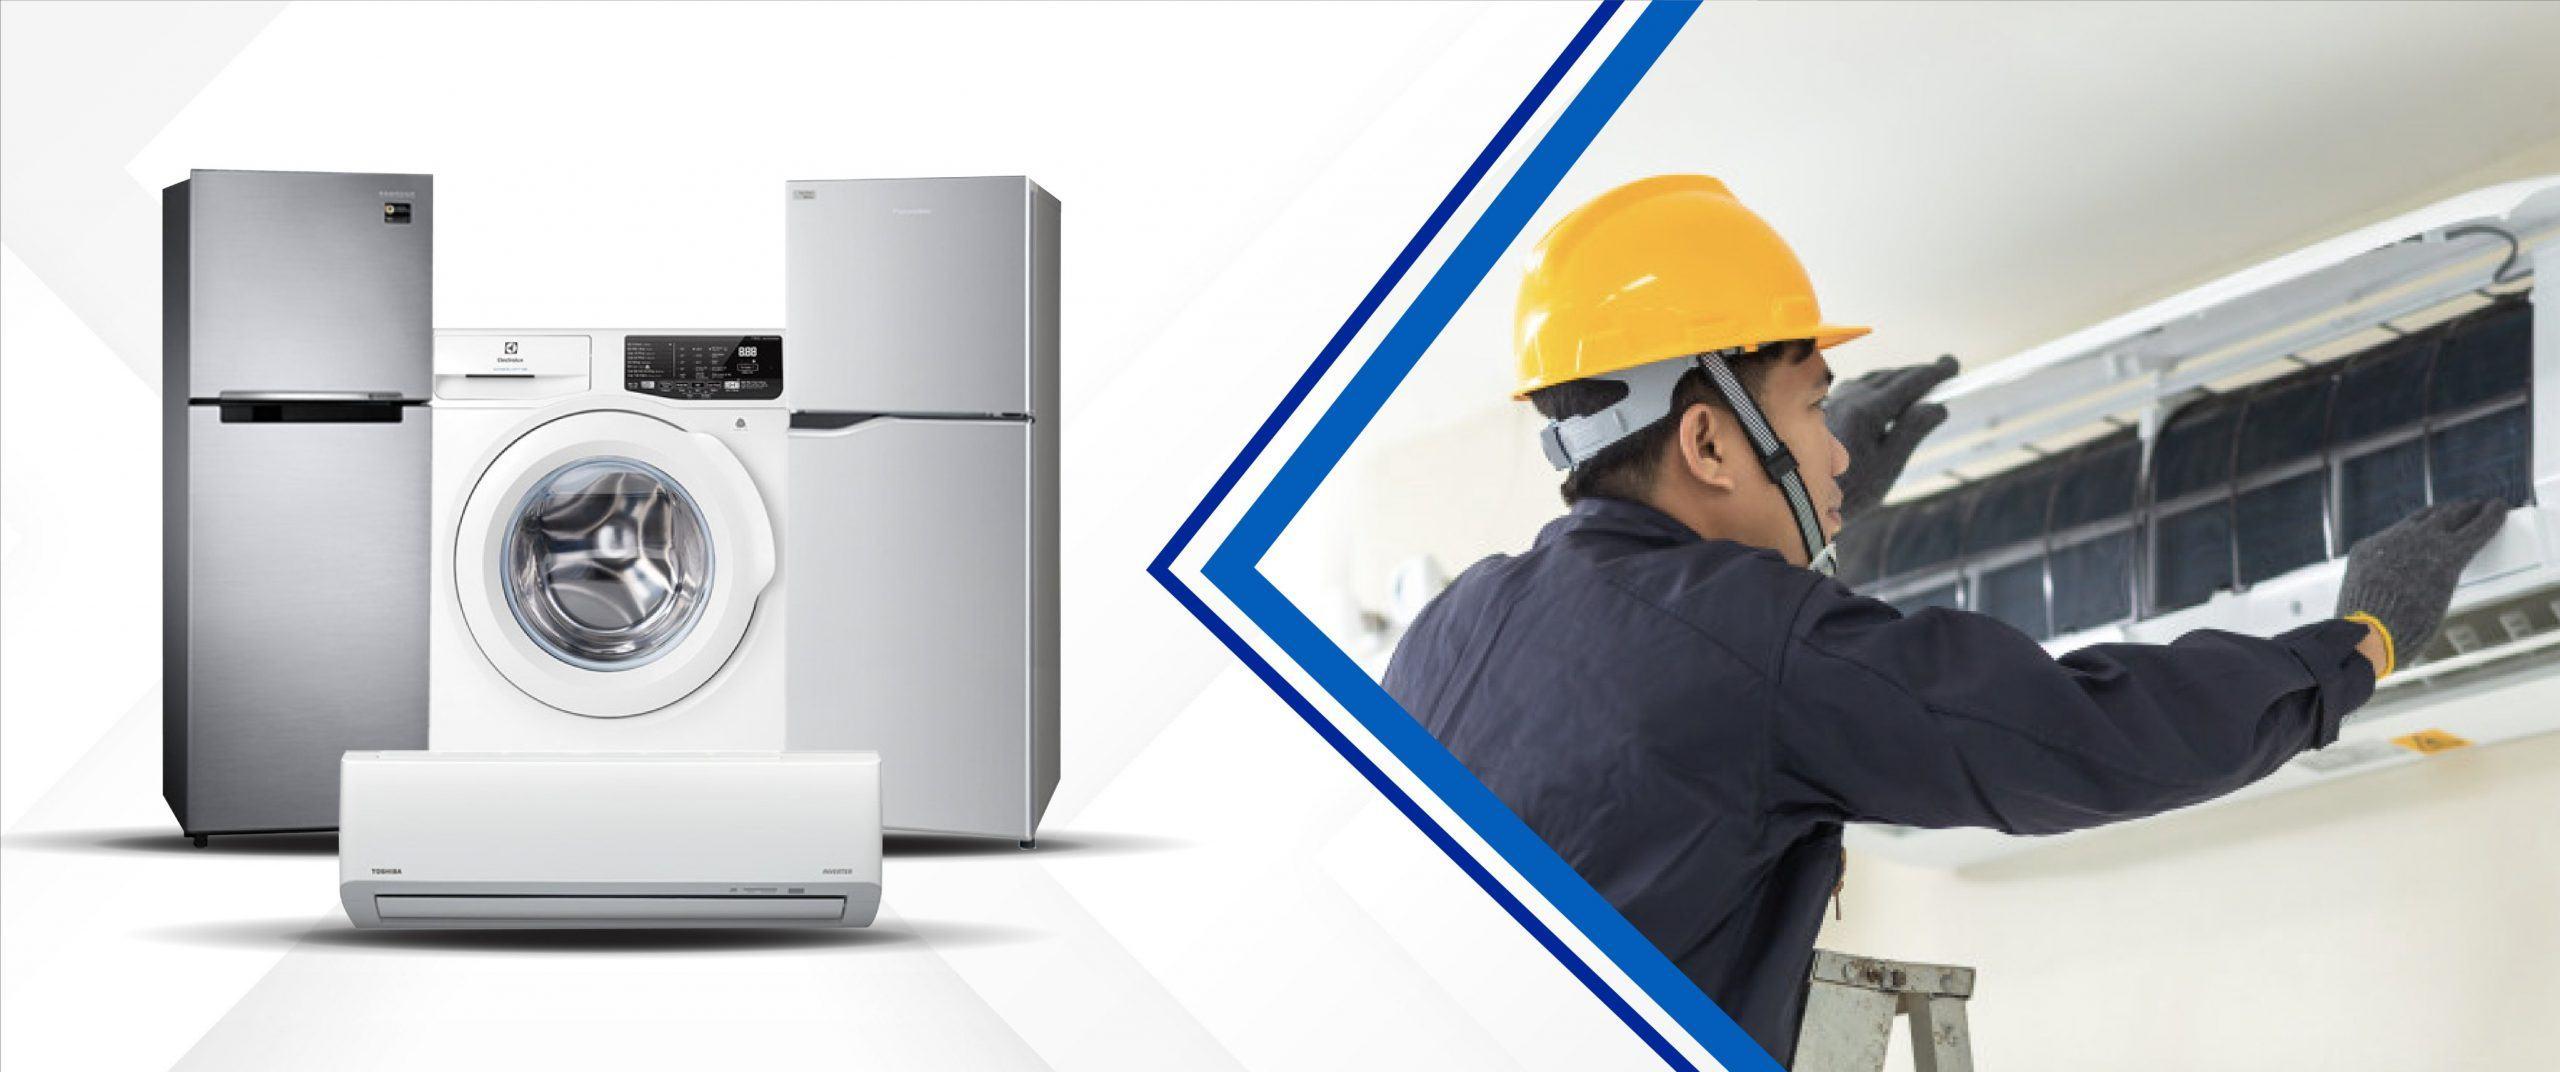 Cơ điện lạnh Eltek – Dịch vụ sửa chữa điện lạnh Đà Nẵng